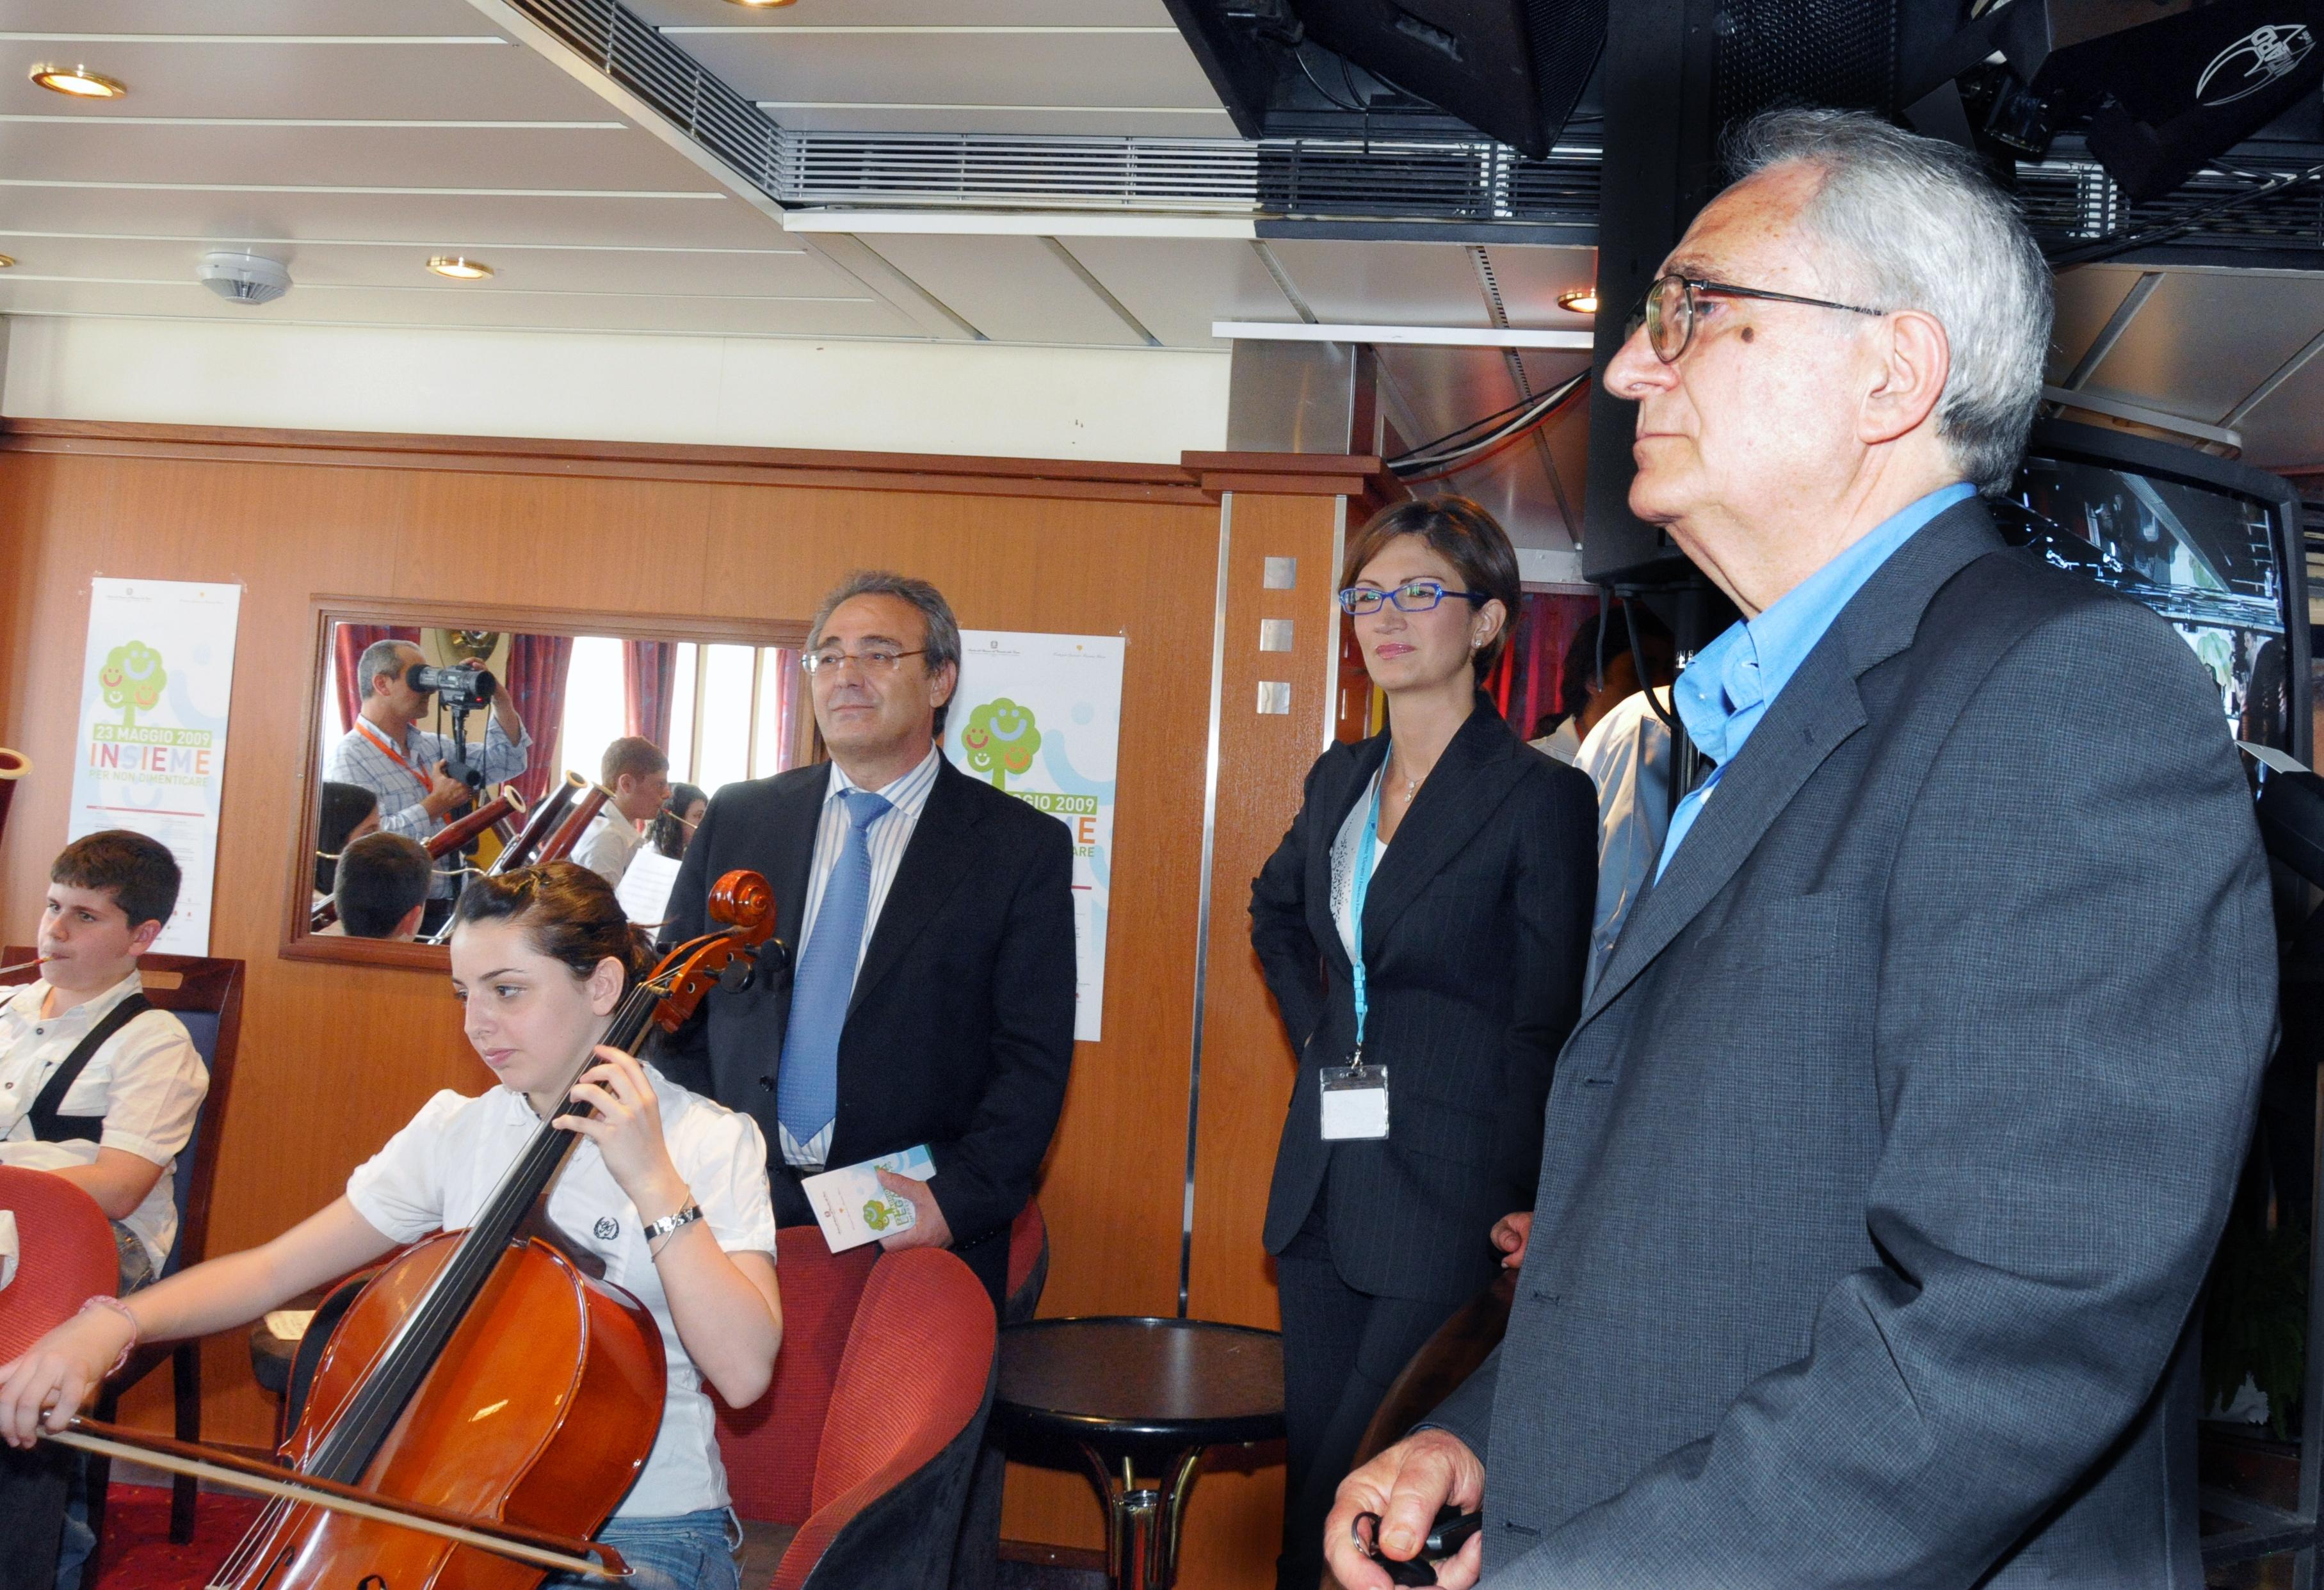 La Nave della Legalità 2009 con il Ministro dell'Istruzione Gelmini